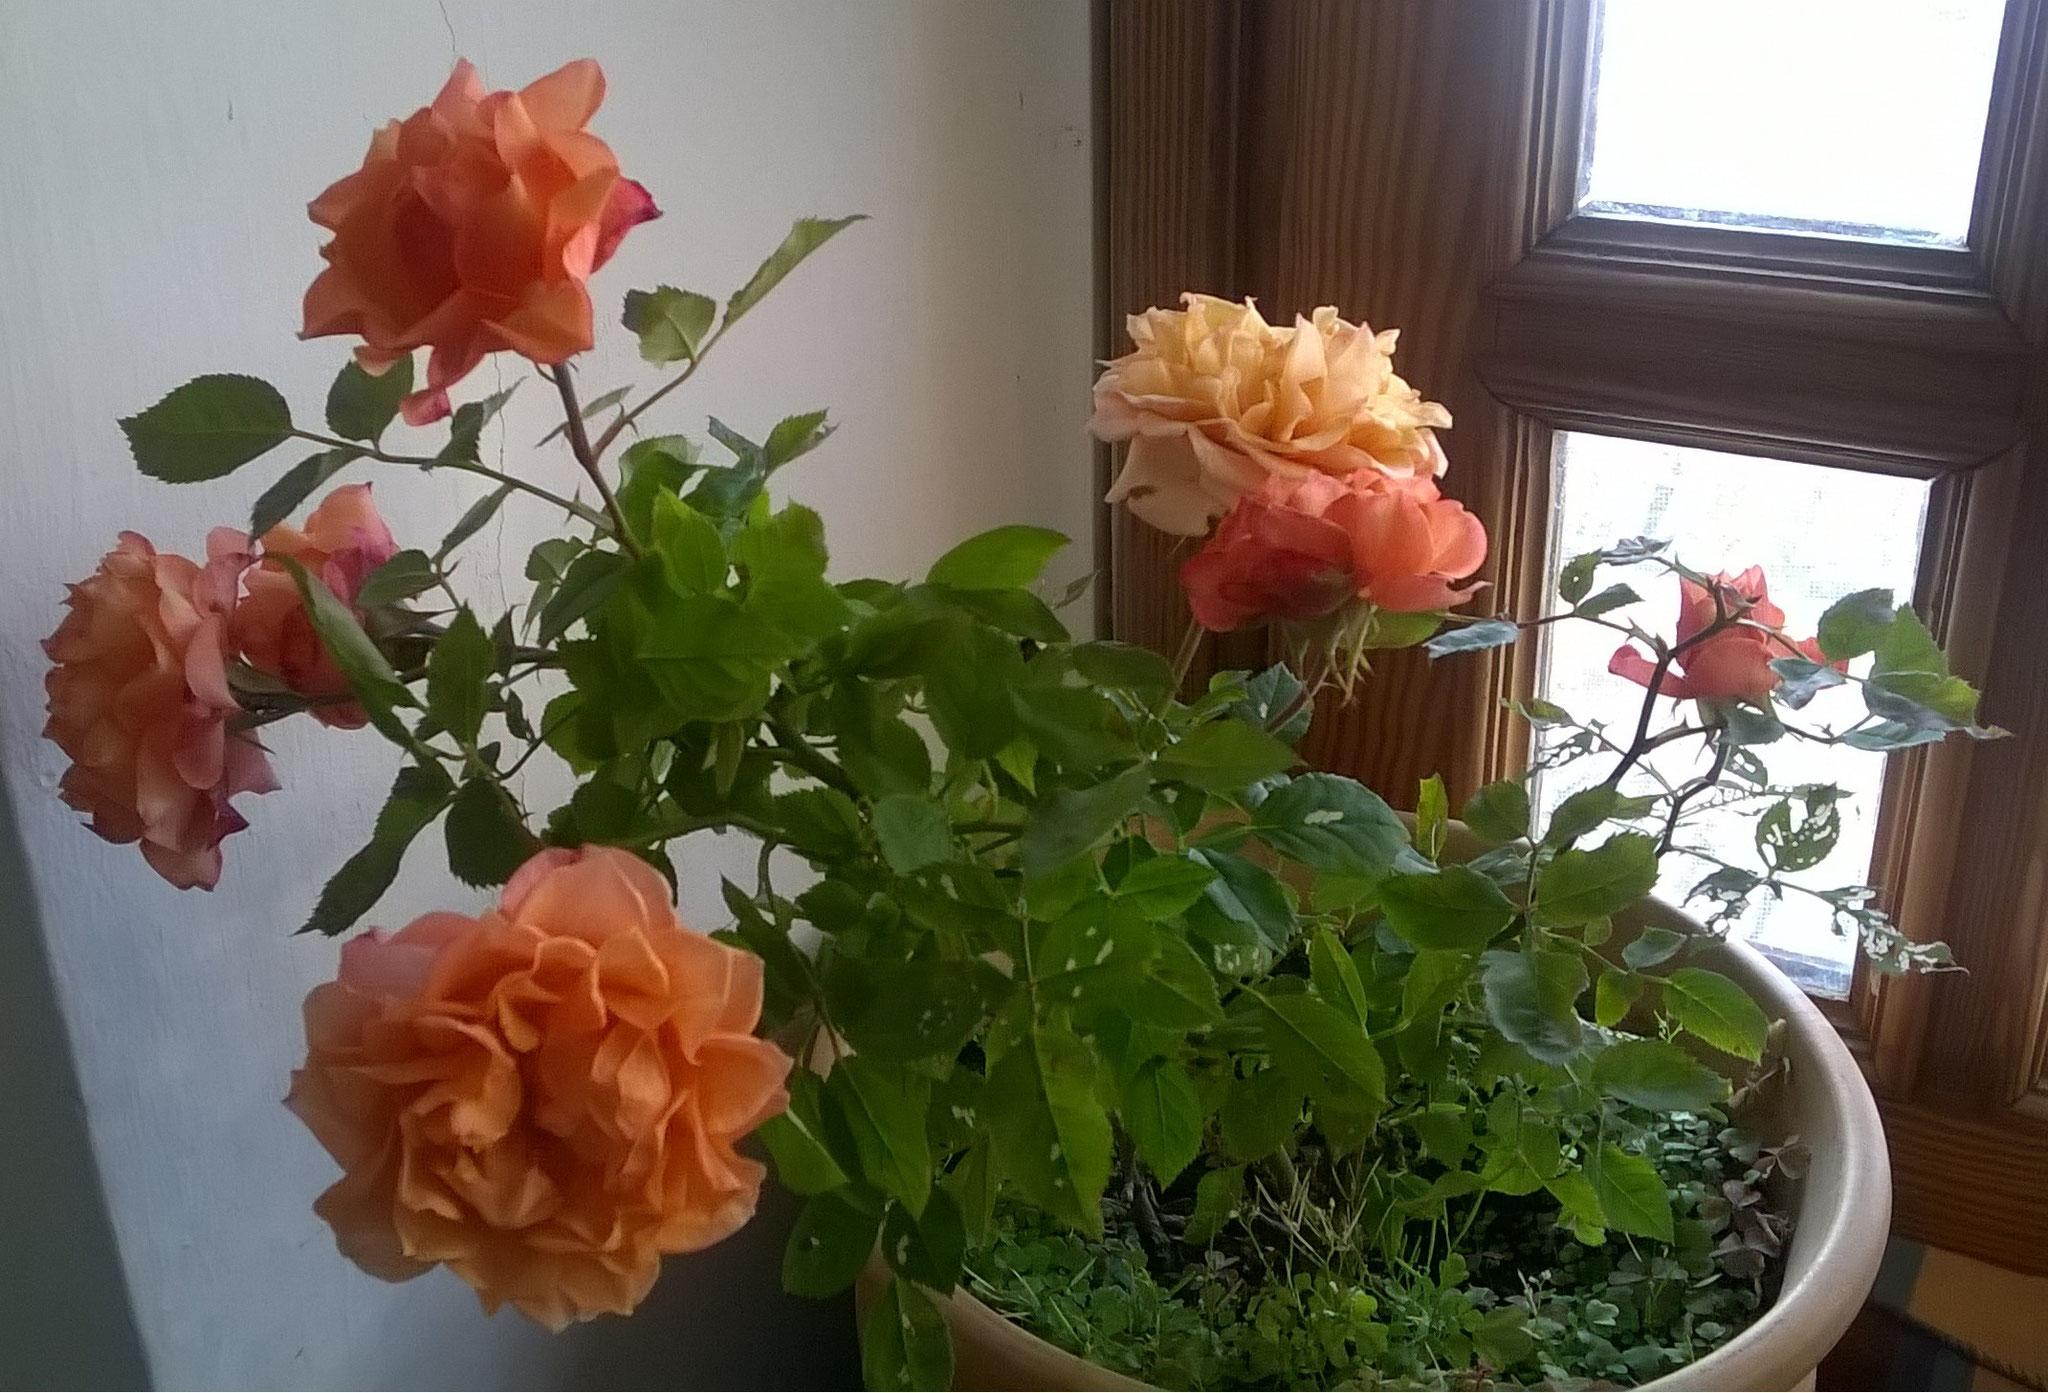 20 Novembre è ancora in fiore, aspettando primavera! L'articolo è dedicato alla nostra Rosa!